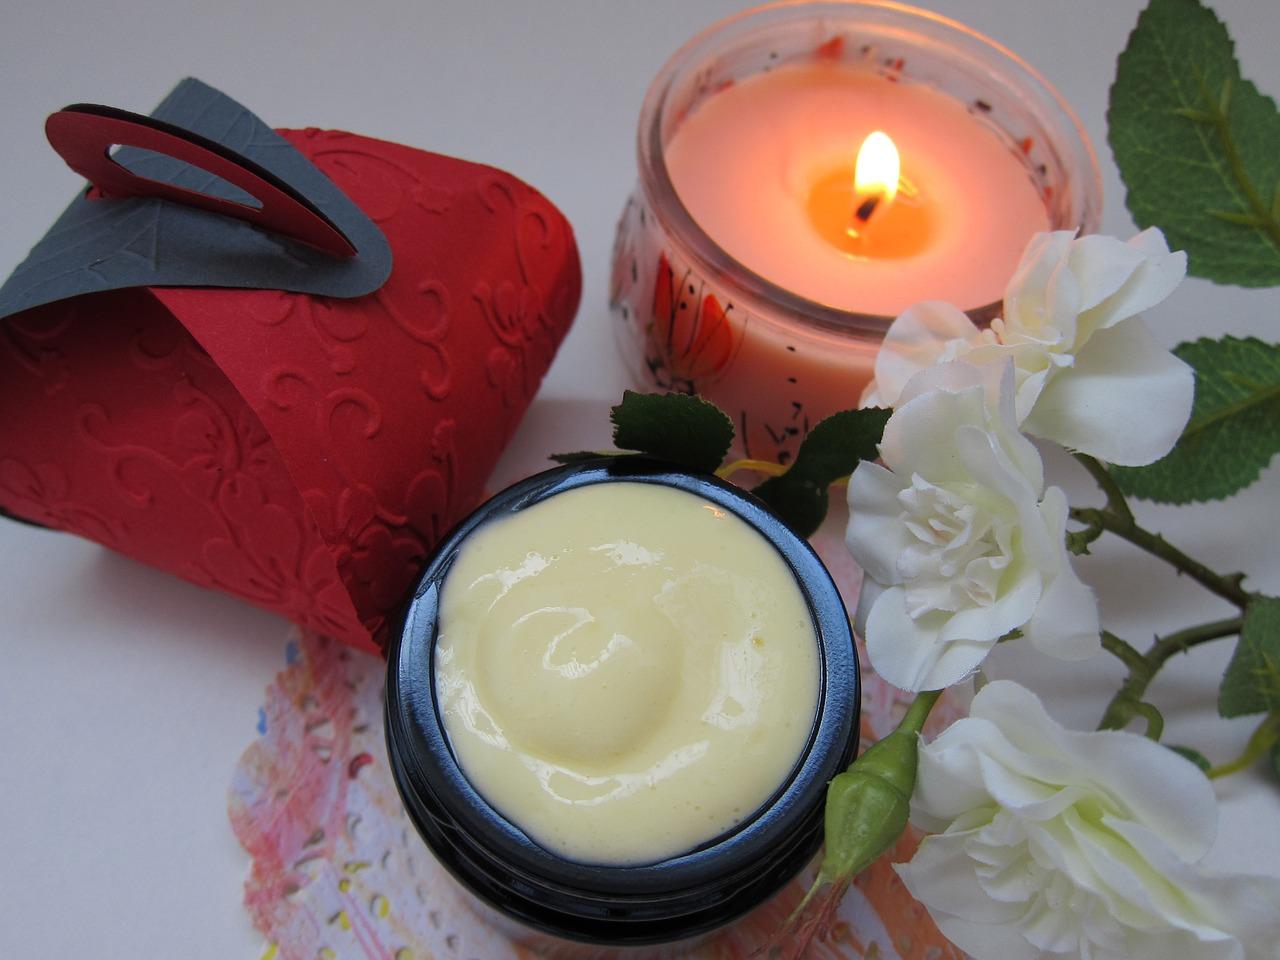 Beneficios de la elaboración de tu propia crema